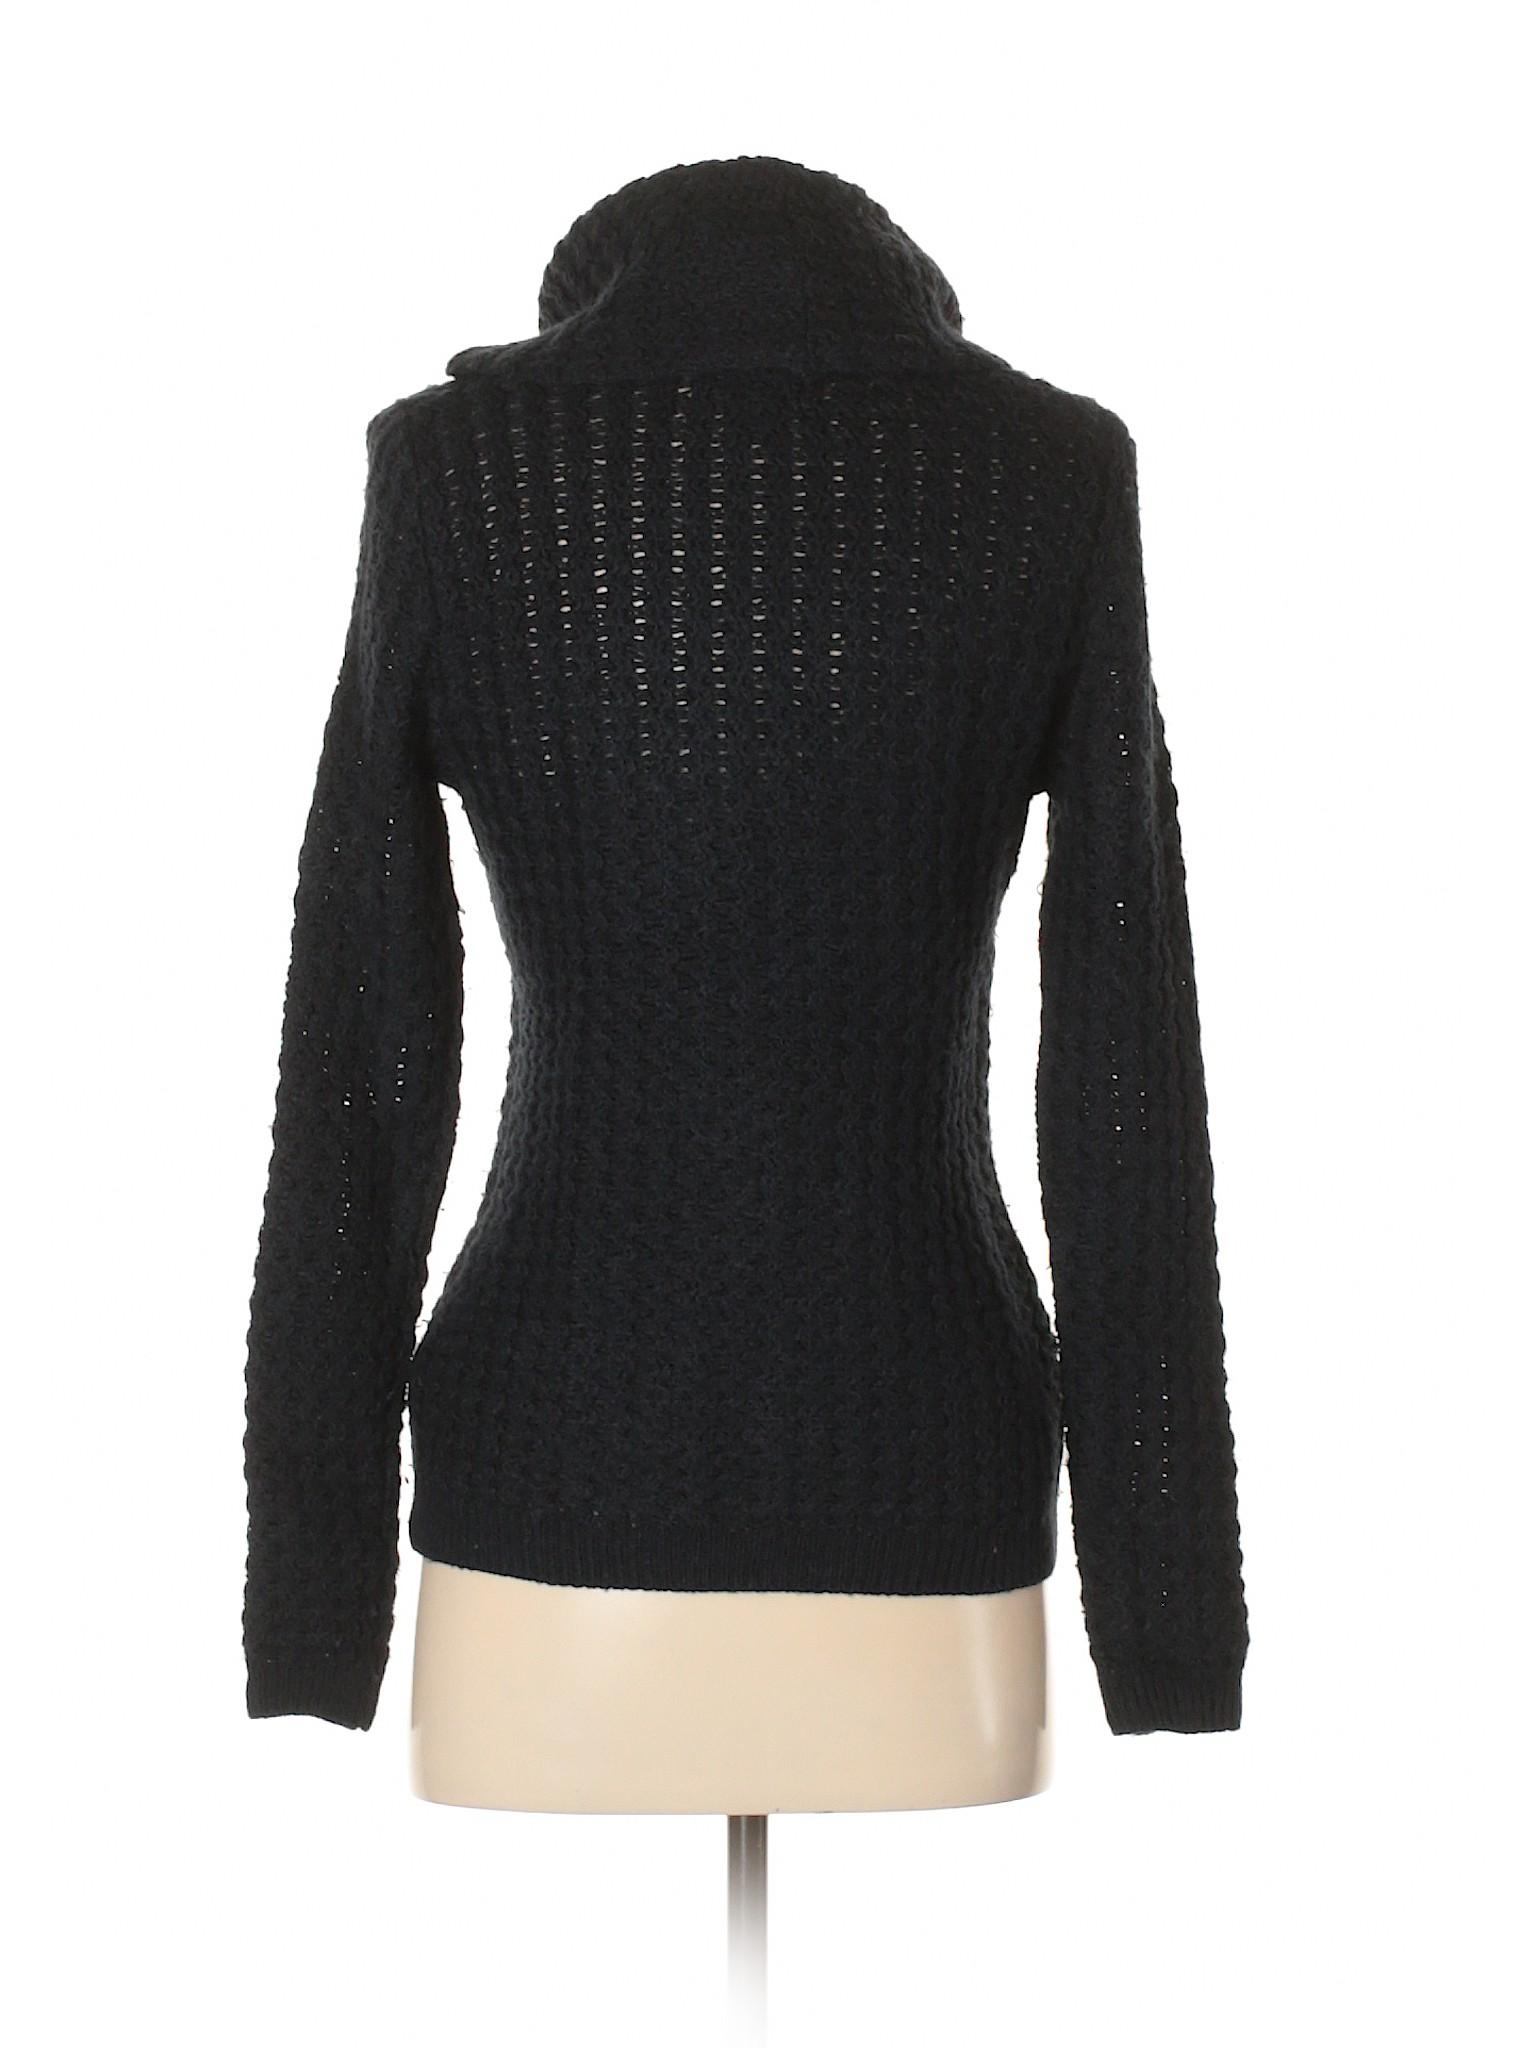 Pullover Boutique Sweater Banana Republic winter tqvZqwz